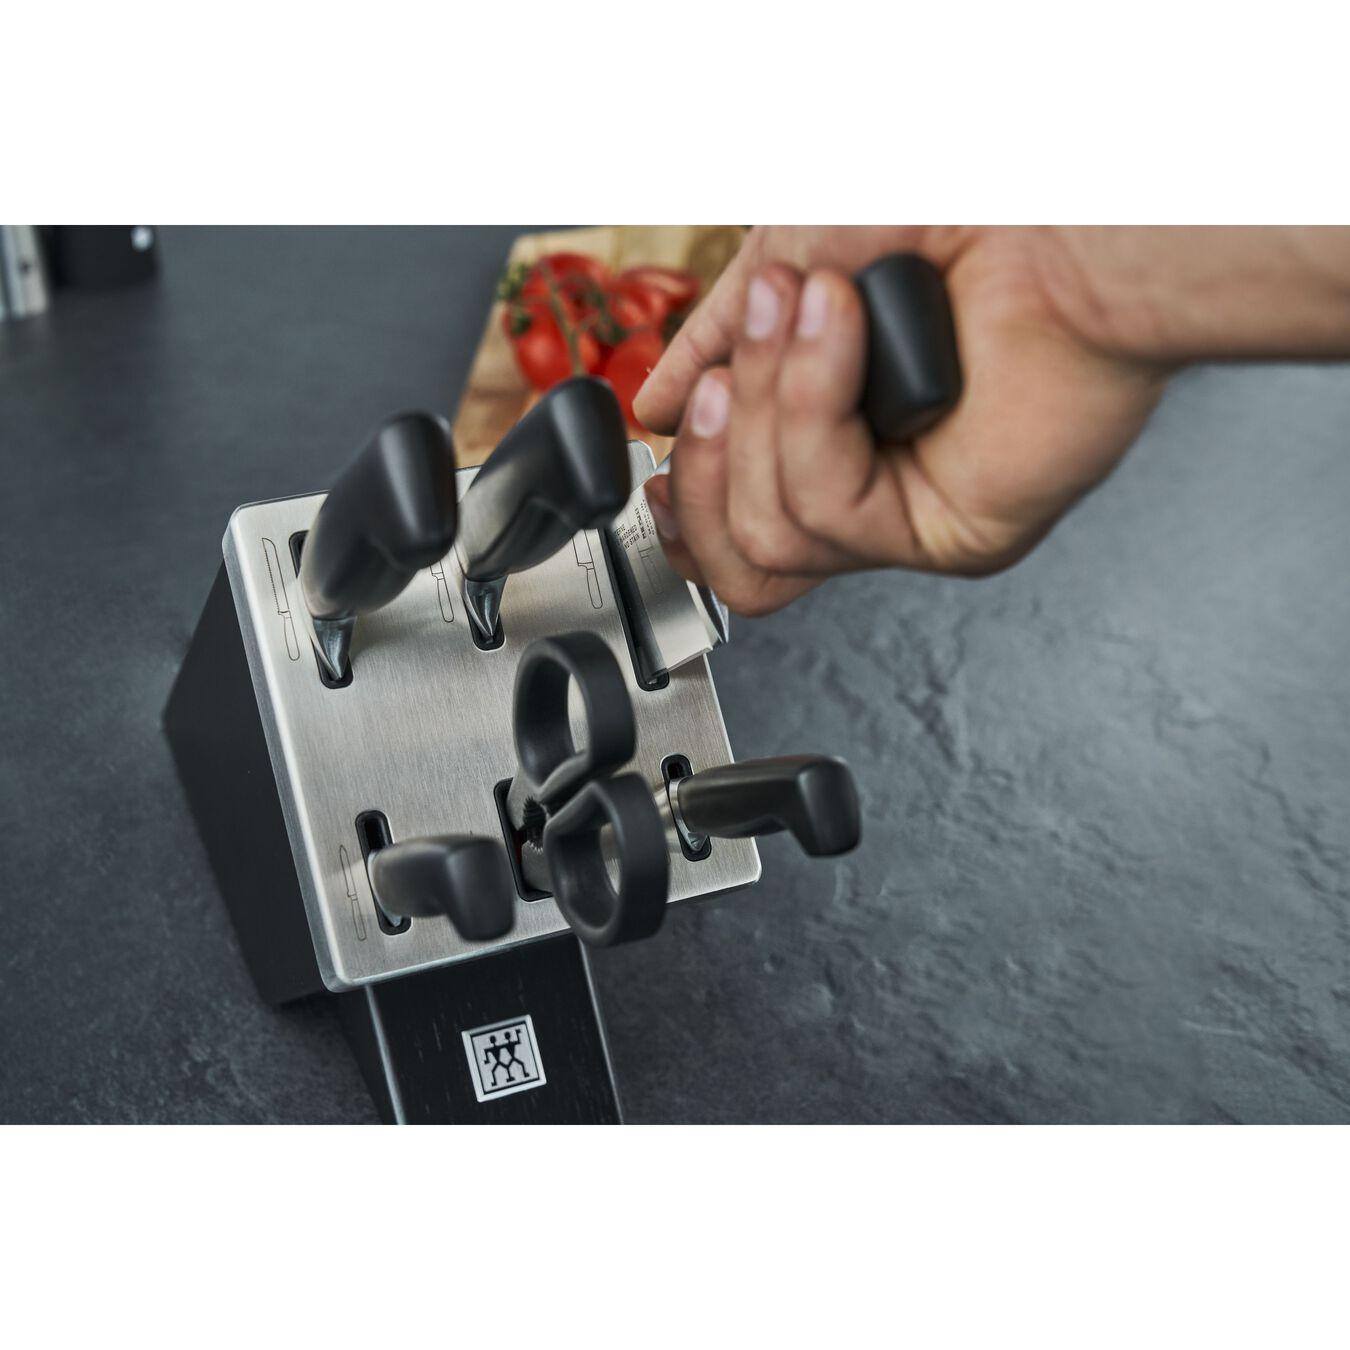 Bloc de couteaux avec technologie KiS 7-pcs, Frêne,,large 4